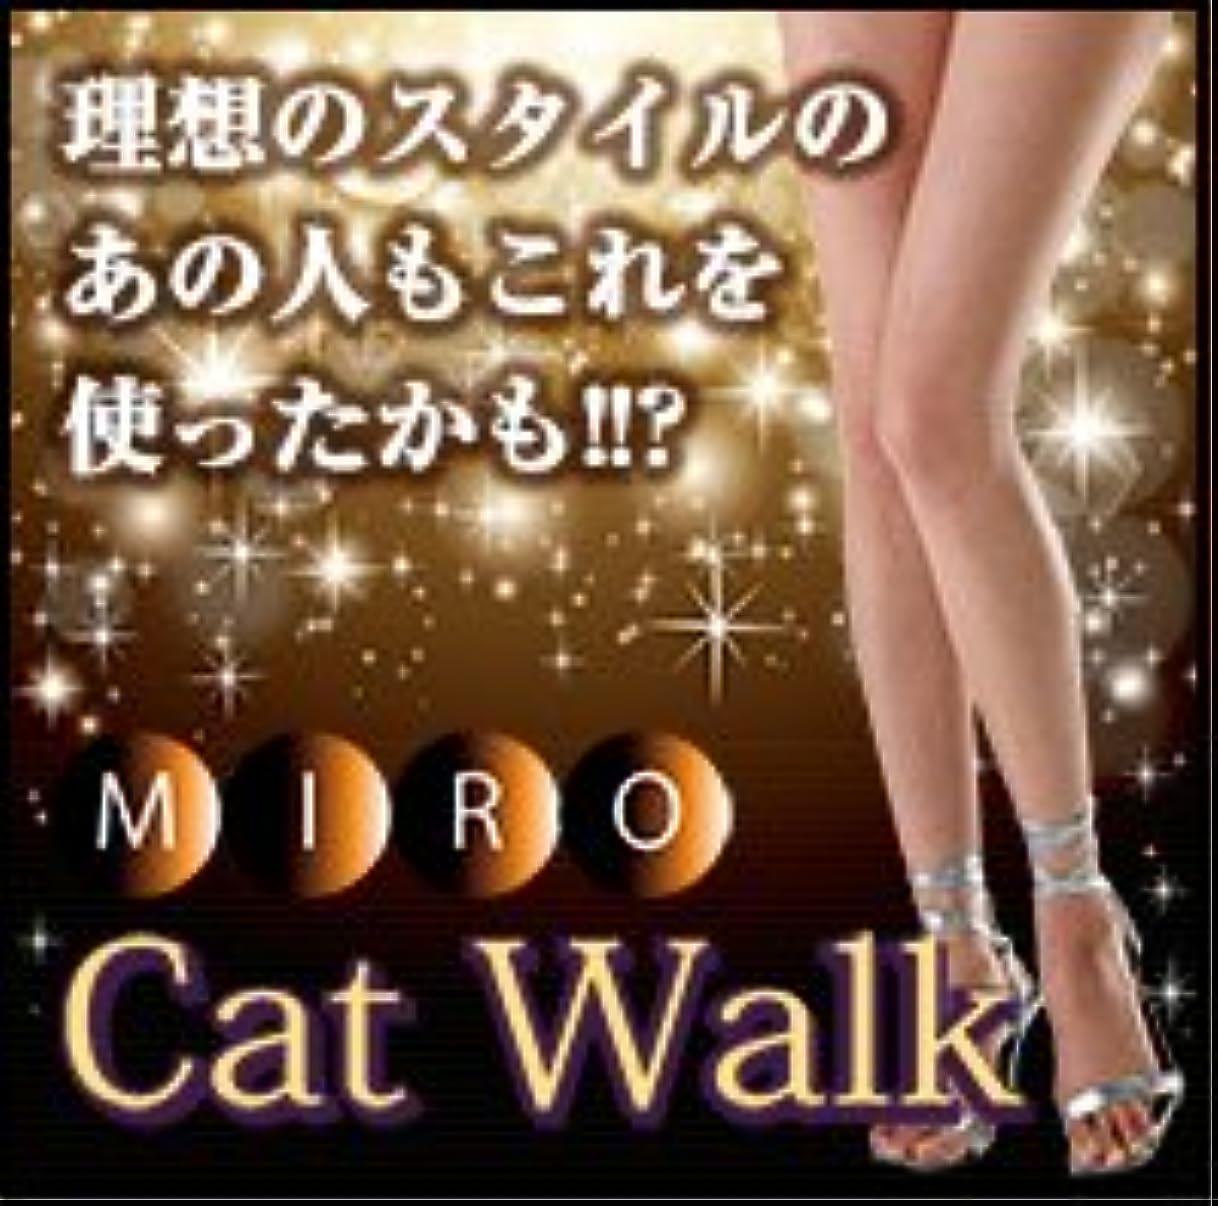 バングルビー鉱石MIRO CAT Walk(ミロ キャットウォーク)/理想のスタイルのあの人もこれを使ったかも!?【CC】